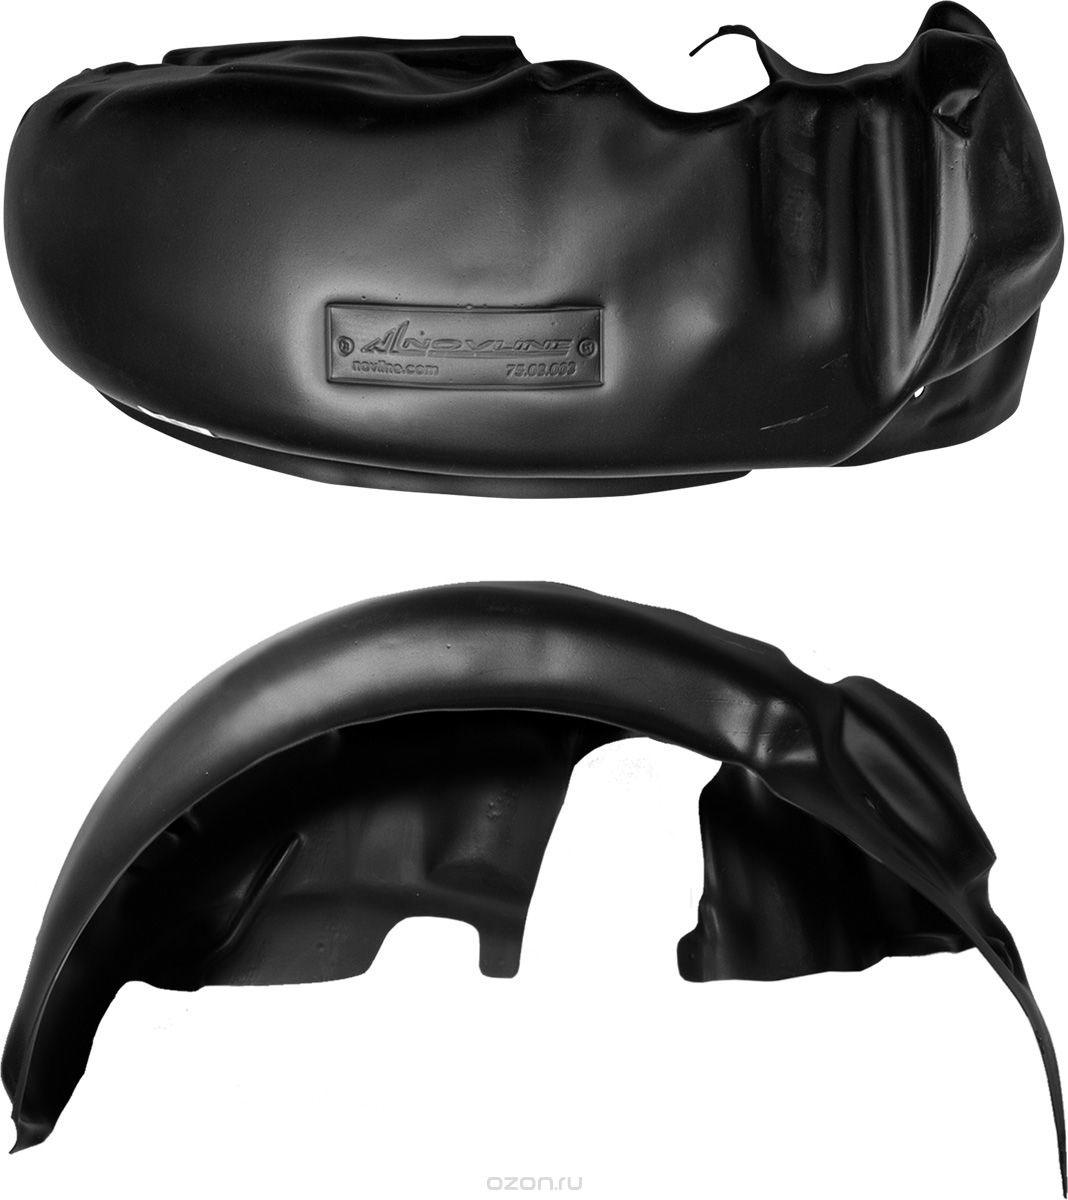 Подкрылок Novline-Autofamily, для KIA Cerato 03/2009-2013, передний правыйNLL.25.26.002Идеальная защита колесной ниши. Локеры разработаны с применением цифровых технологий, гарантируют максимальную повторяемость поверхности арки. Изделия устанавливаются без нарушения лакокрасочного покрытия автомобиля, каждый подкрылок комплектуется крепежом. Уважаемые клиенты, обращаем ваше внимание, что фотографии на подкрылки универсальные и не отражают реальную форму изделия. При этом само изделие идет точно под размер указанного автомобиля.